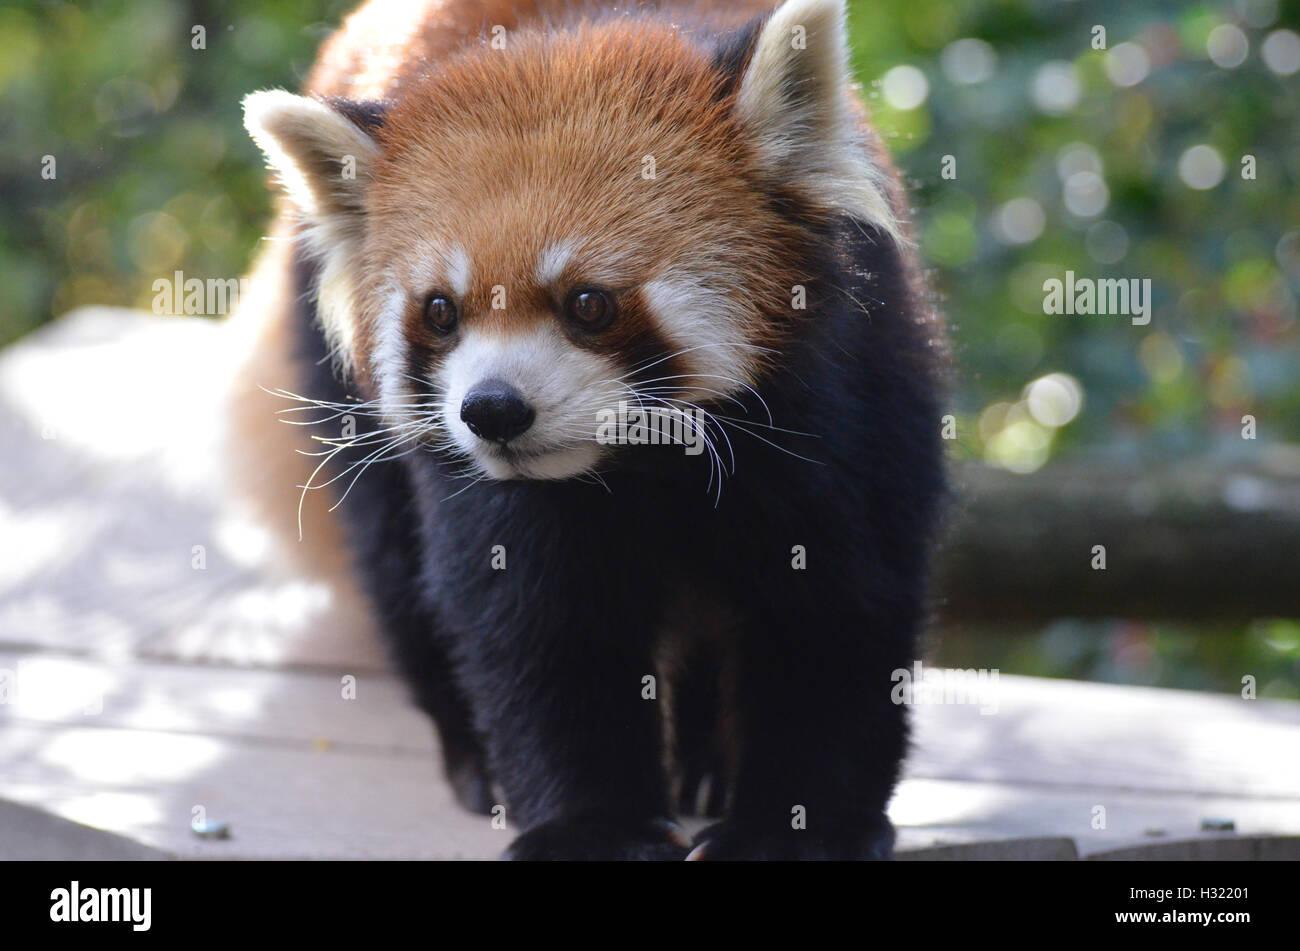 Beautiful curious face of a red panda bear. Stock Photo